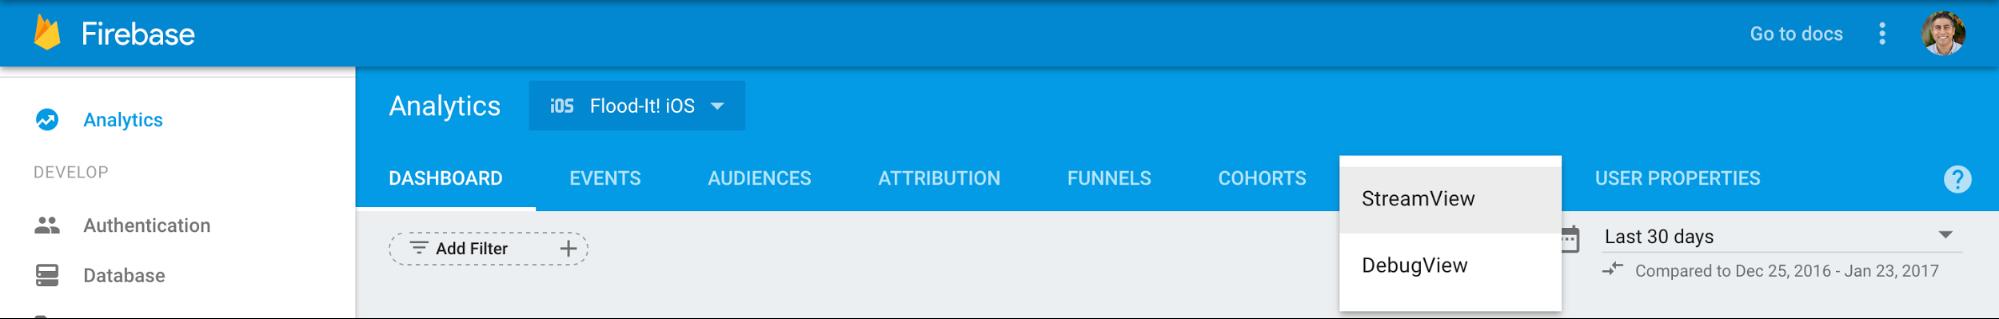 Google Analytics'in üst gezinme bölümünde StreamView'in yanındaki oku seçip DebugView'ı seçerek DebugView'a gidin